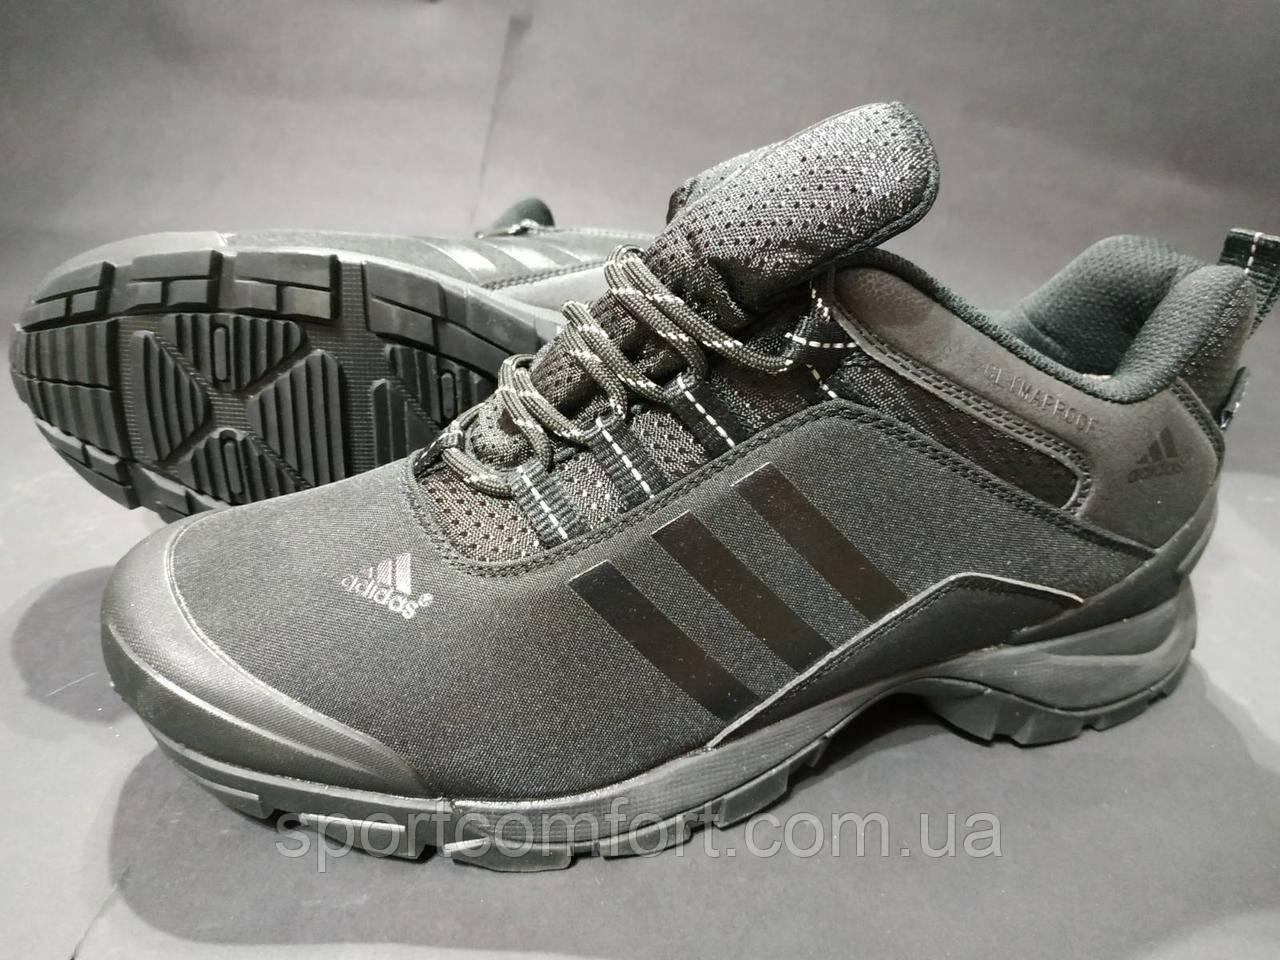 Кроссовки термо мужские Adidas Climaproof черные